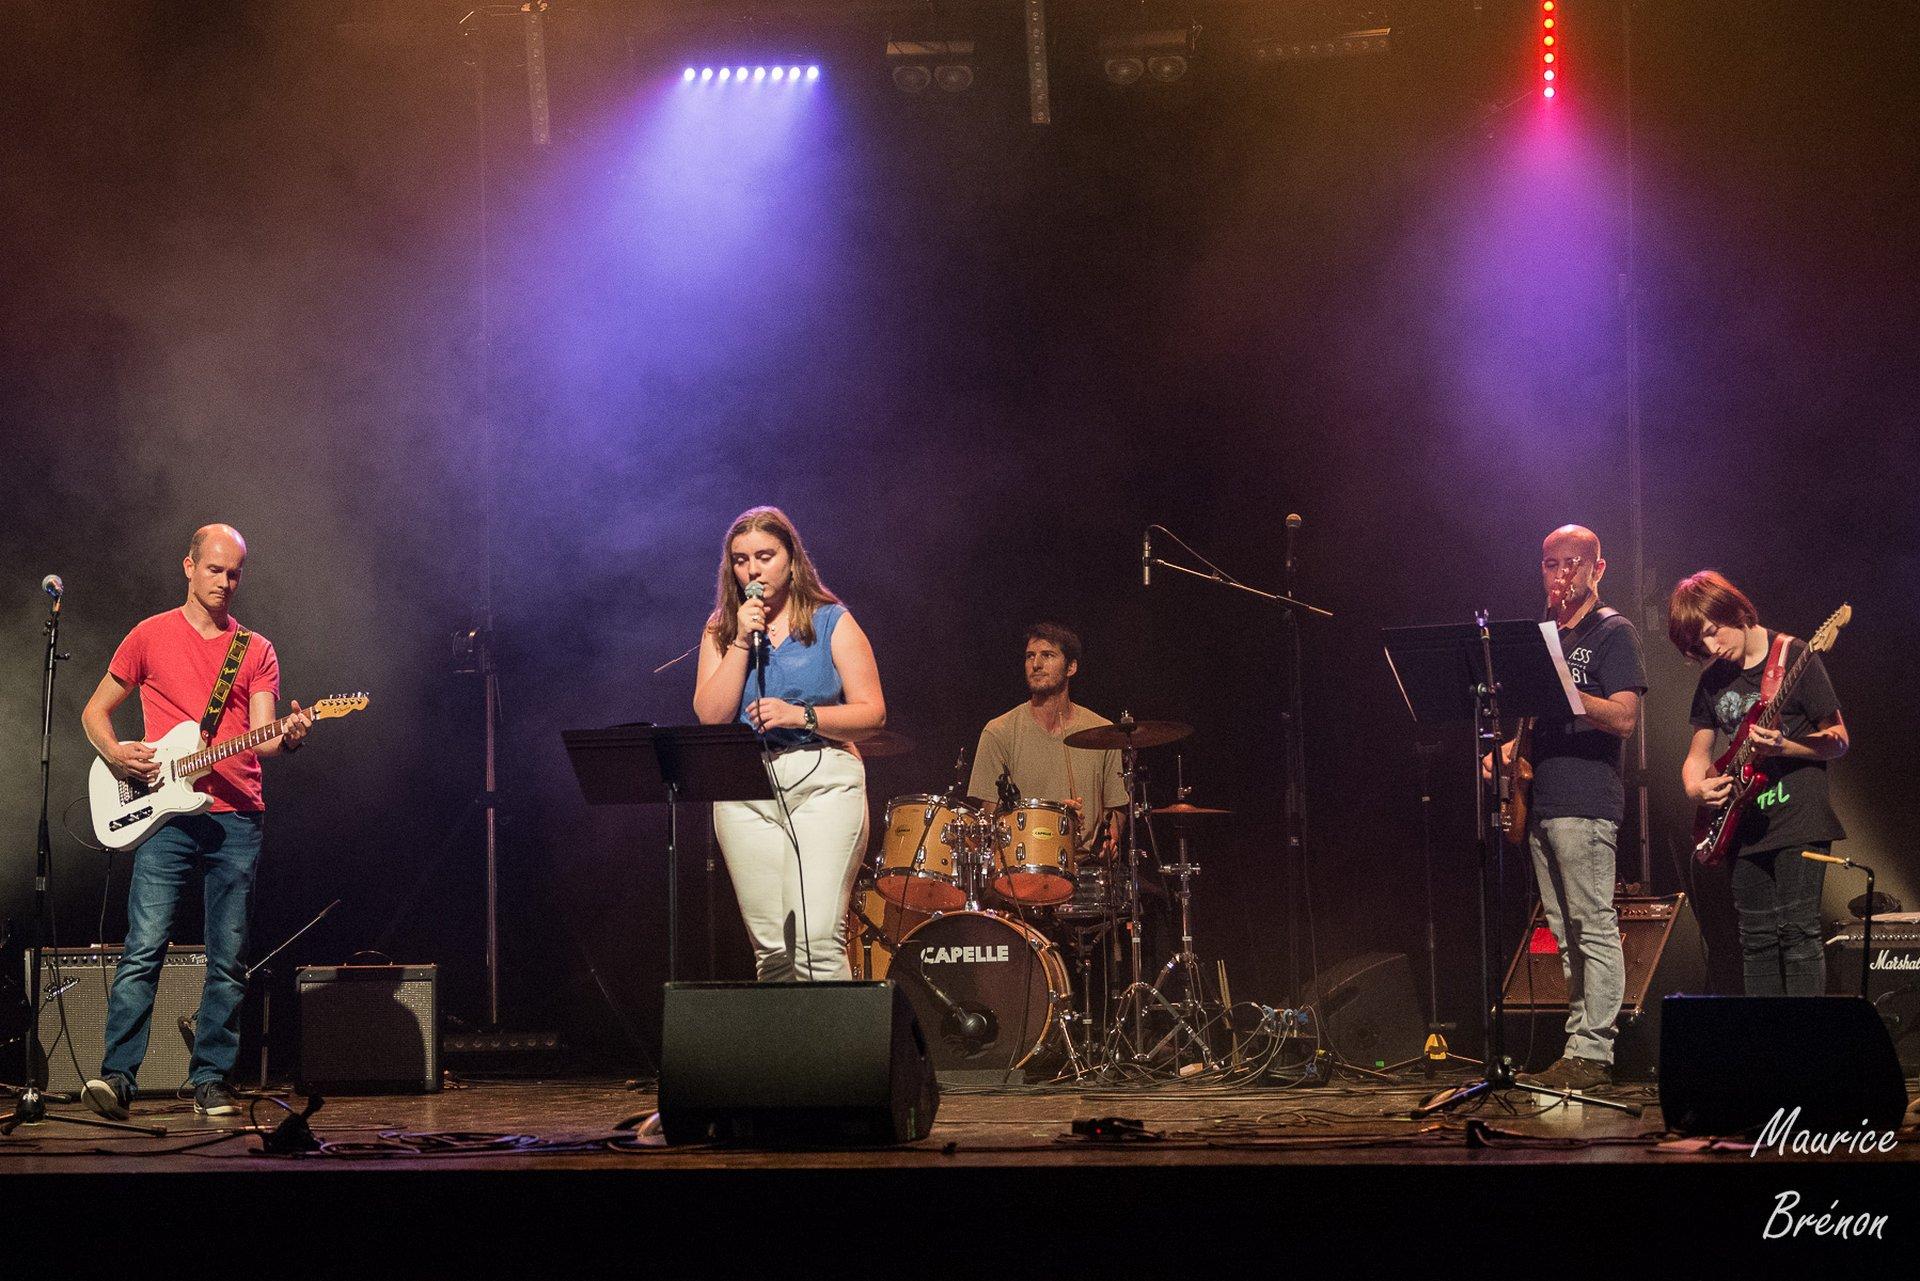 Concert Ecole musique_05_MB_DSC6242